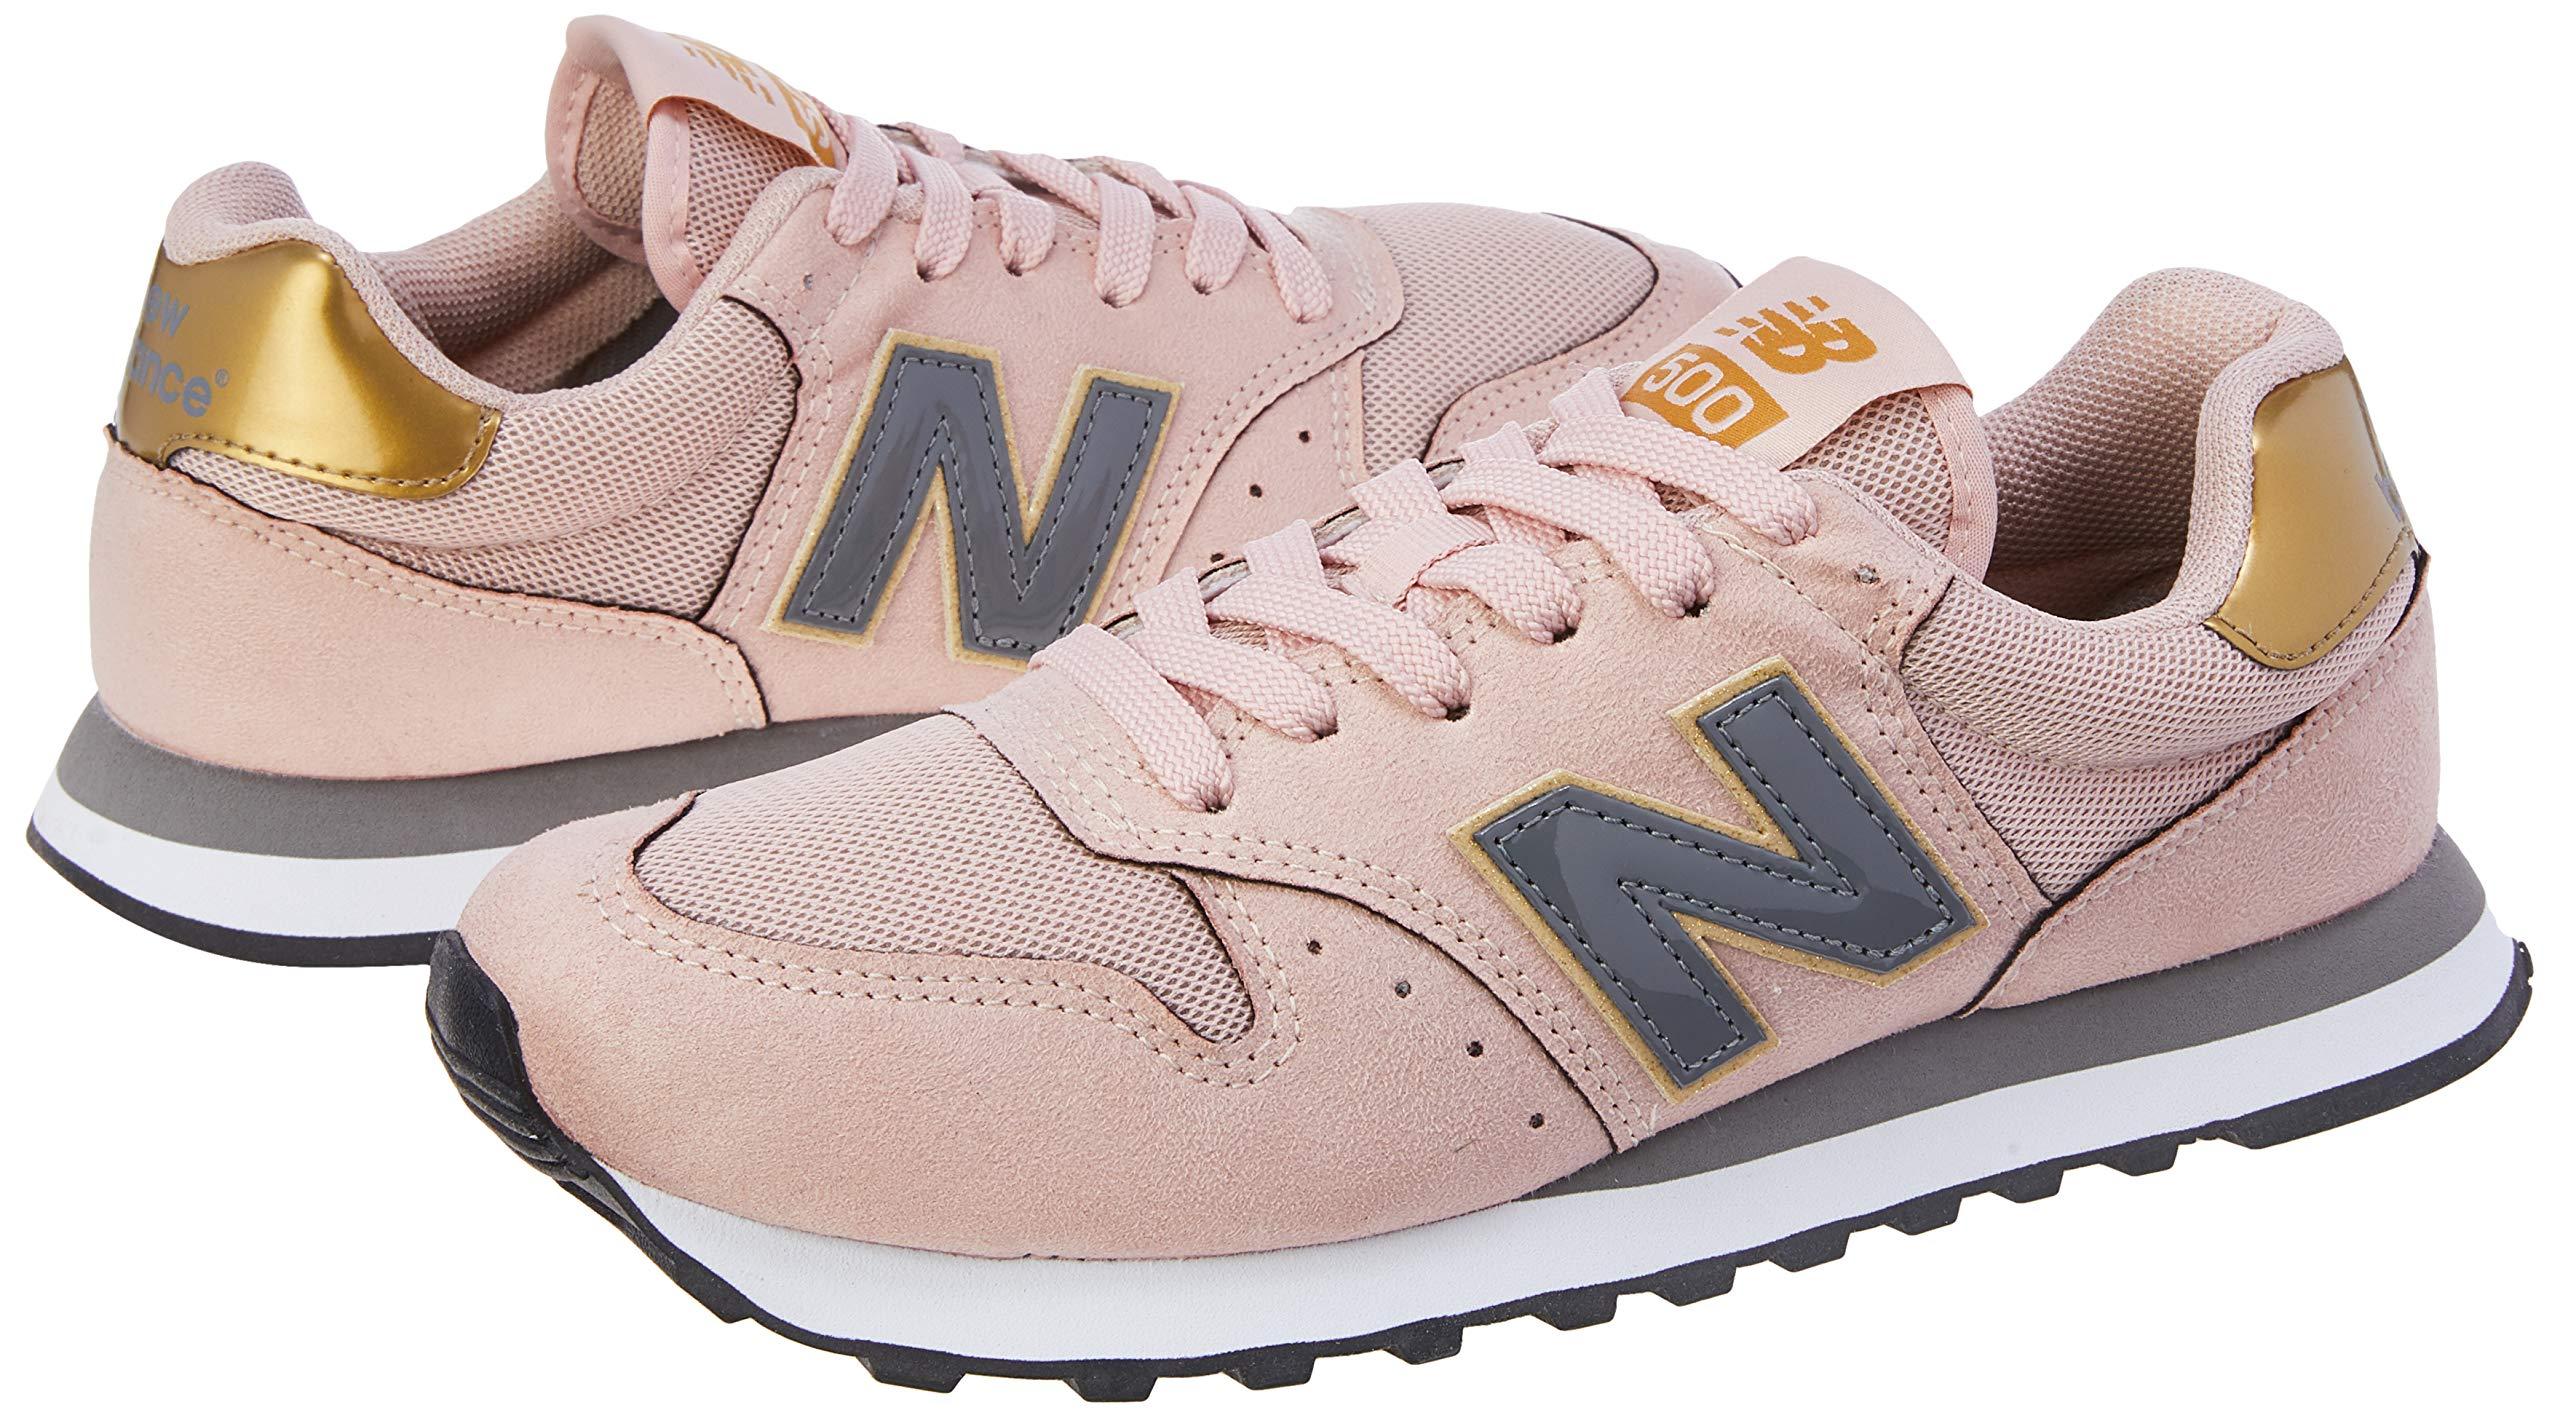 Tênis New Balance, 500, Feminino, Preto HGB, 34